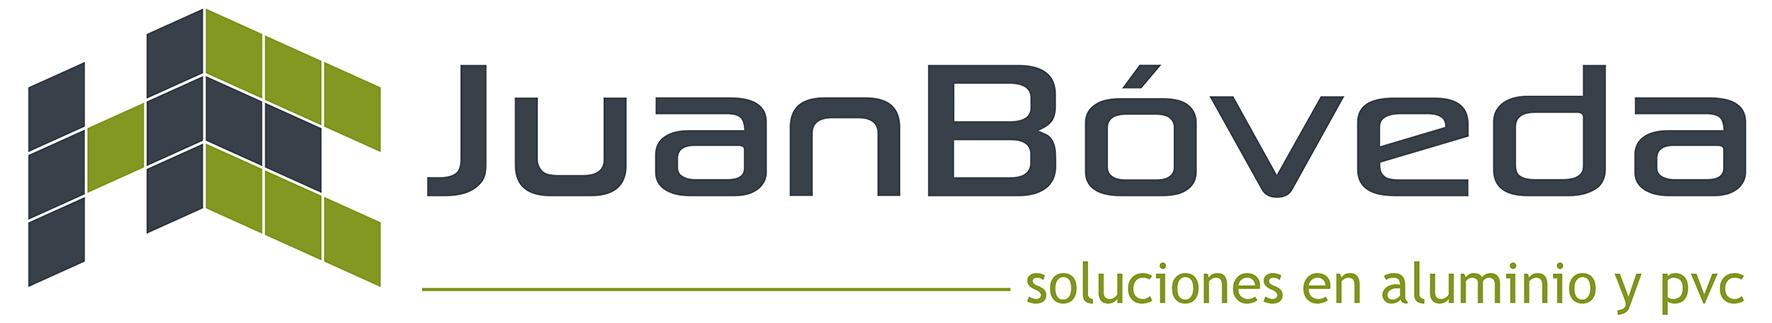 Juan_Boveda_logo_mediano